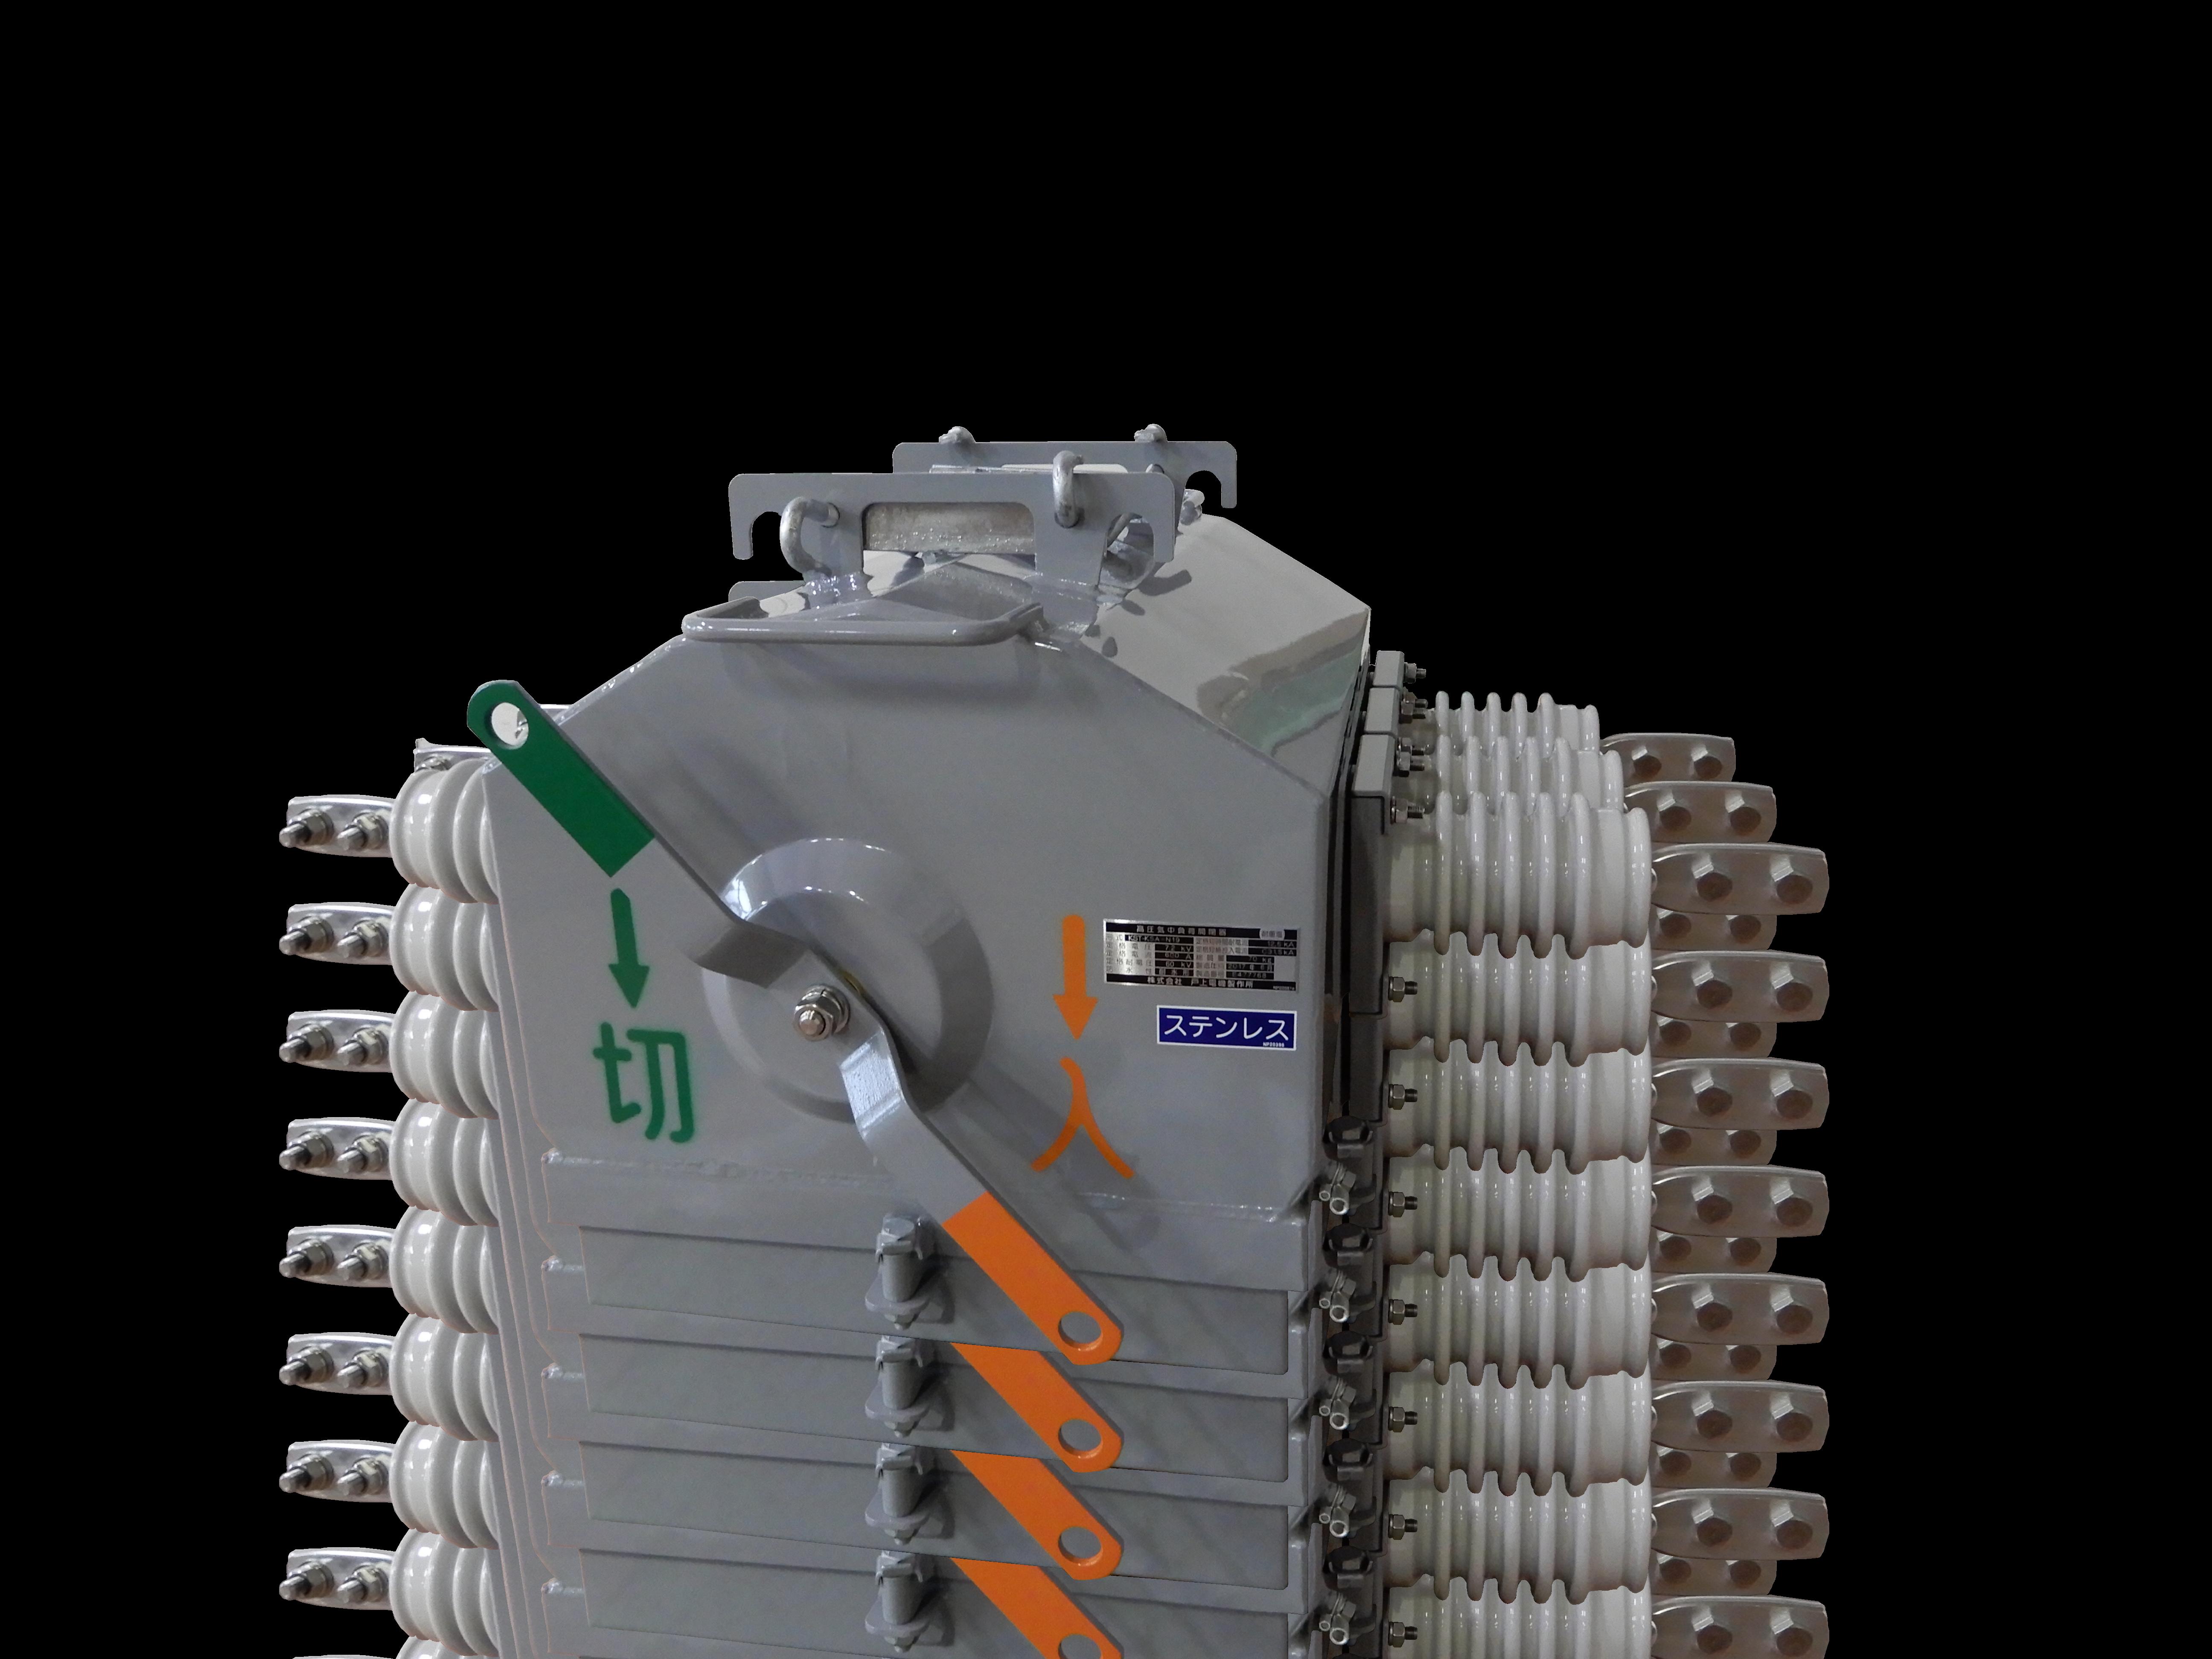 (手動式)高圧交流気中負荷開閉器(600A)